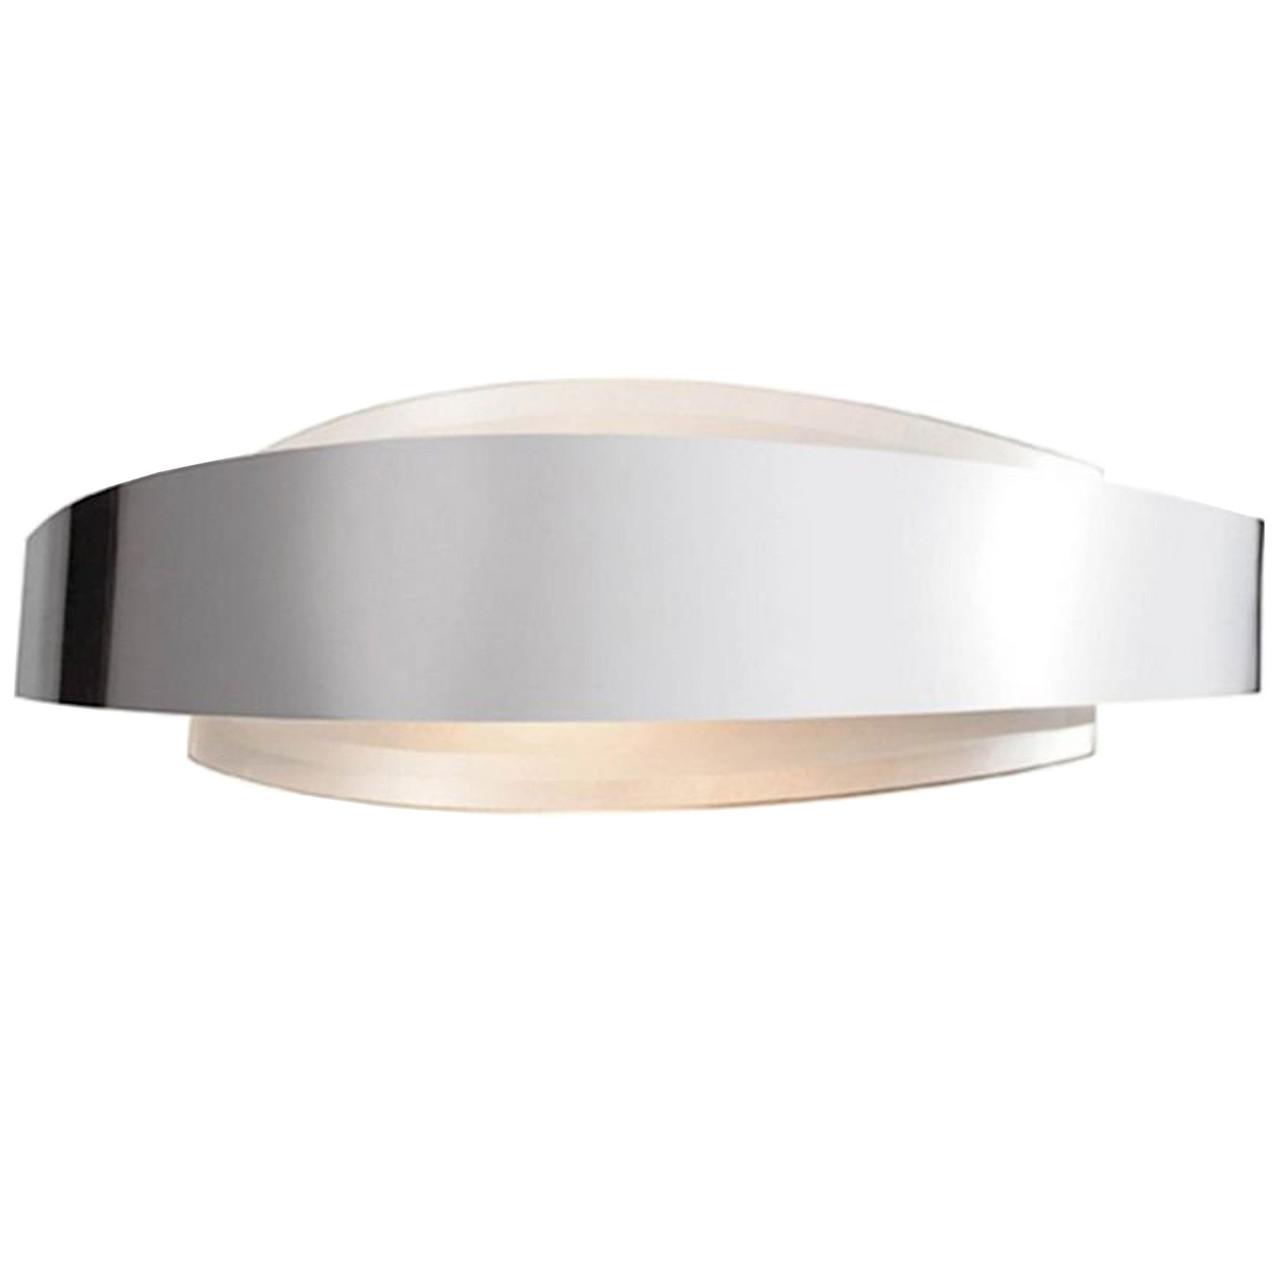 Светильник настенный Ozcan 516